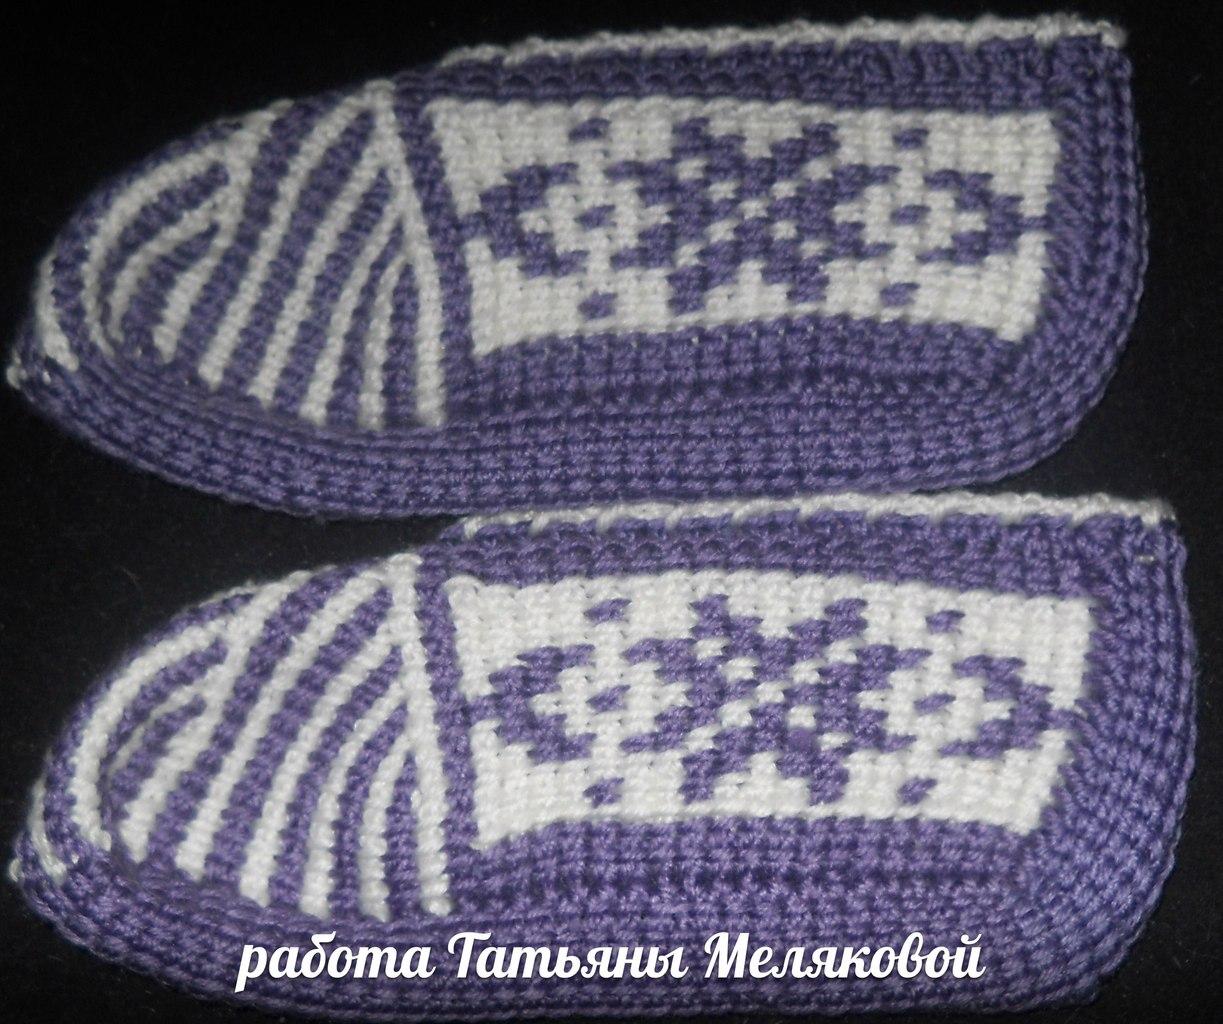 Как связать тунисским крючком (тунисское вязание ) носки, тапочки, следки? 52